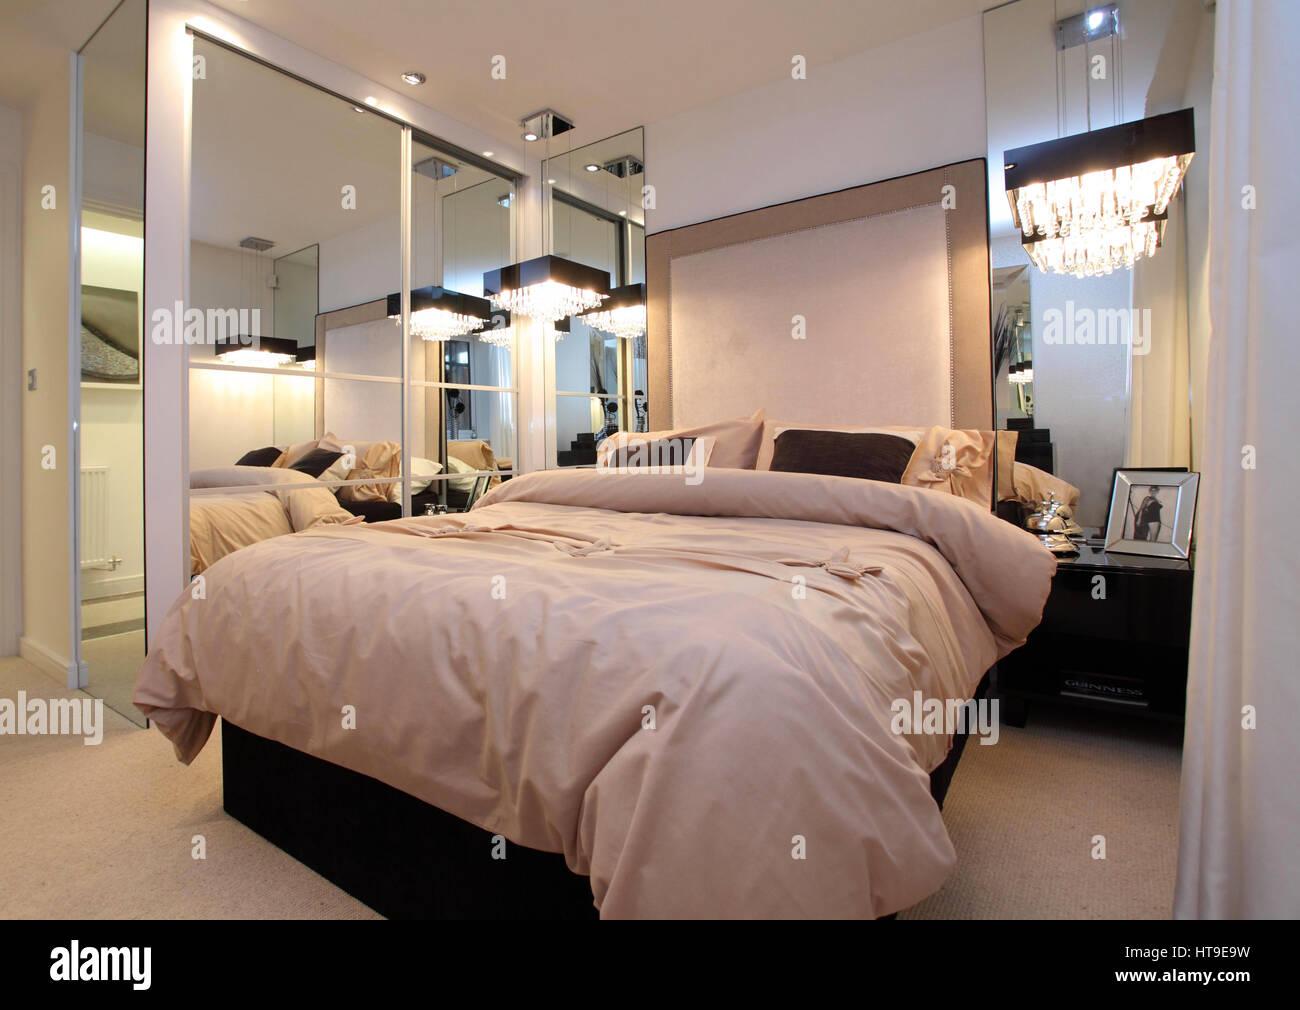 Home intérieur. Chambre, argent, miroir salle de bain, couvre-lit ...